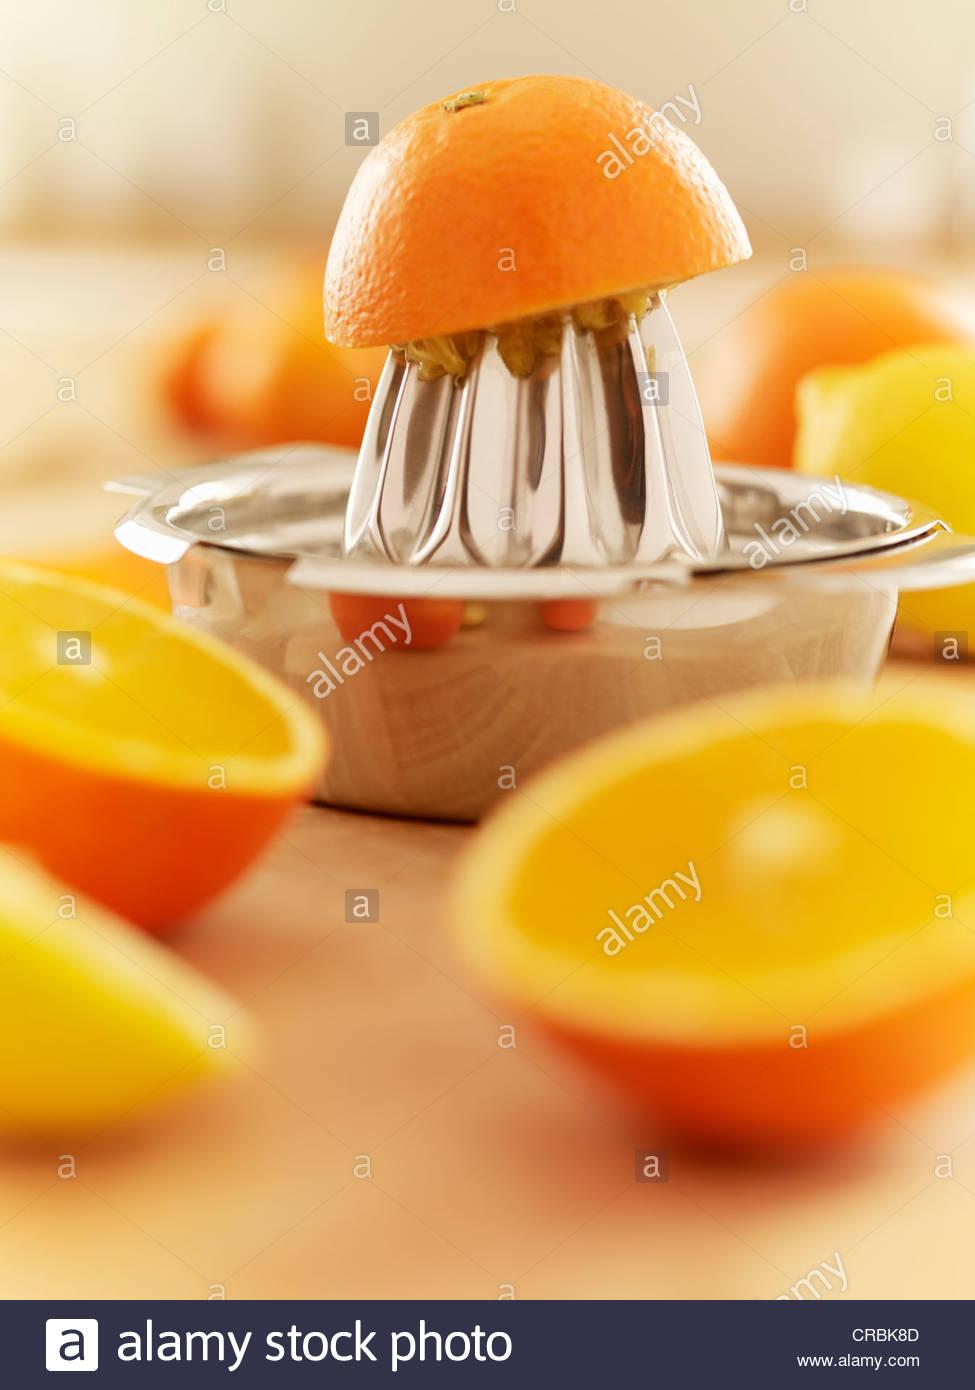 Y exprimidor de naranjas Imagen De Stock